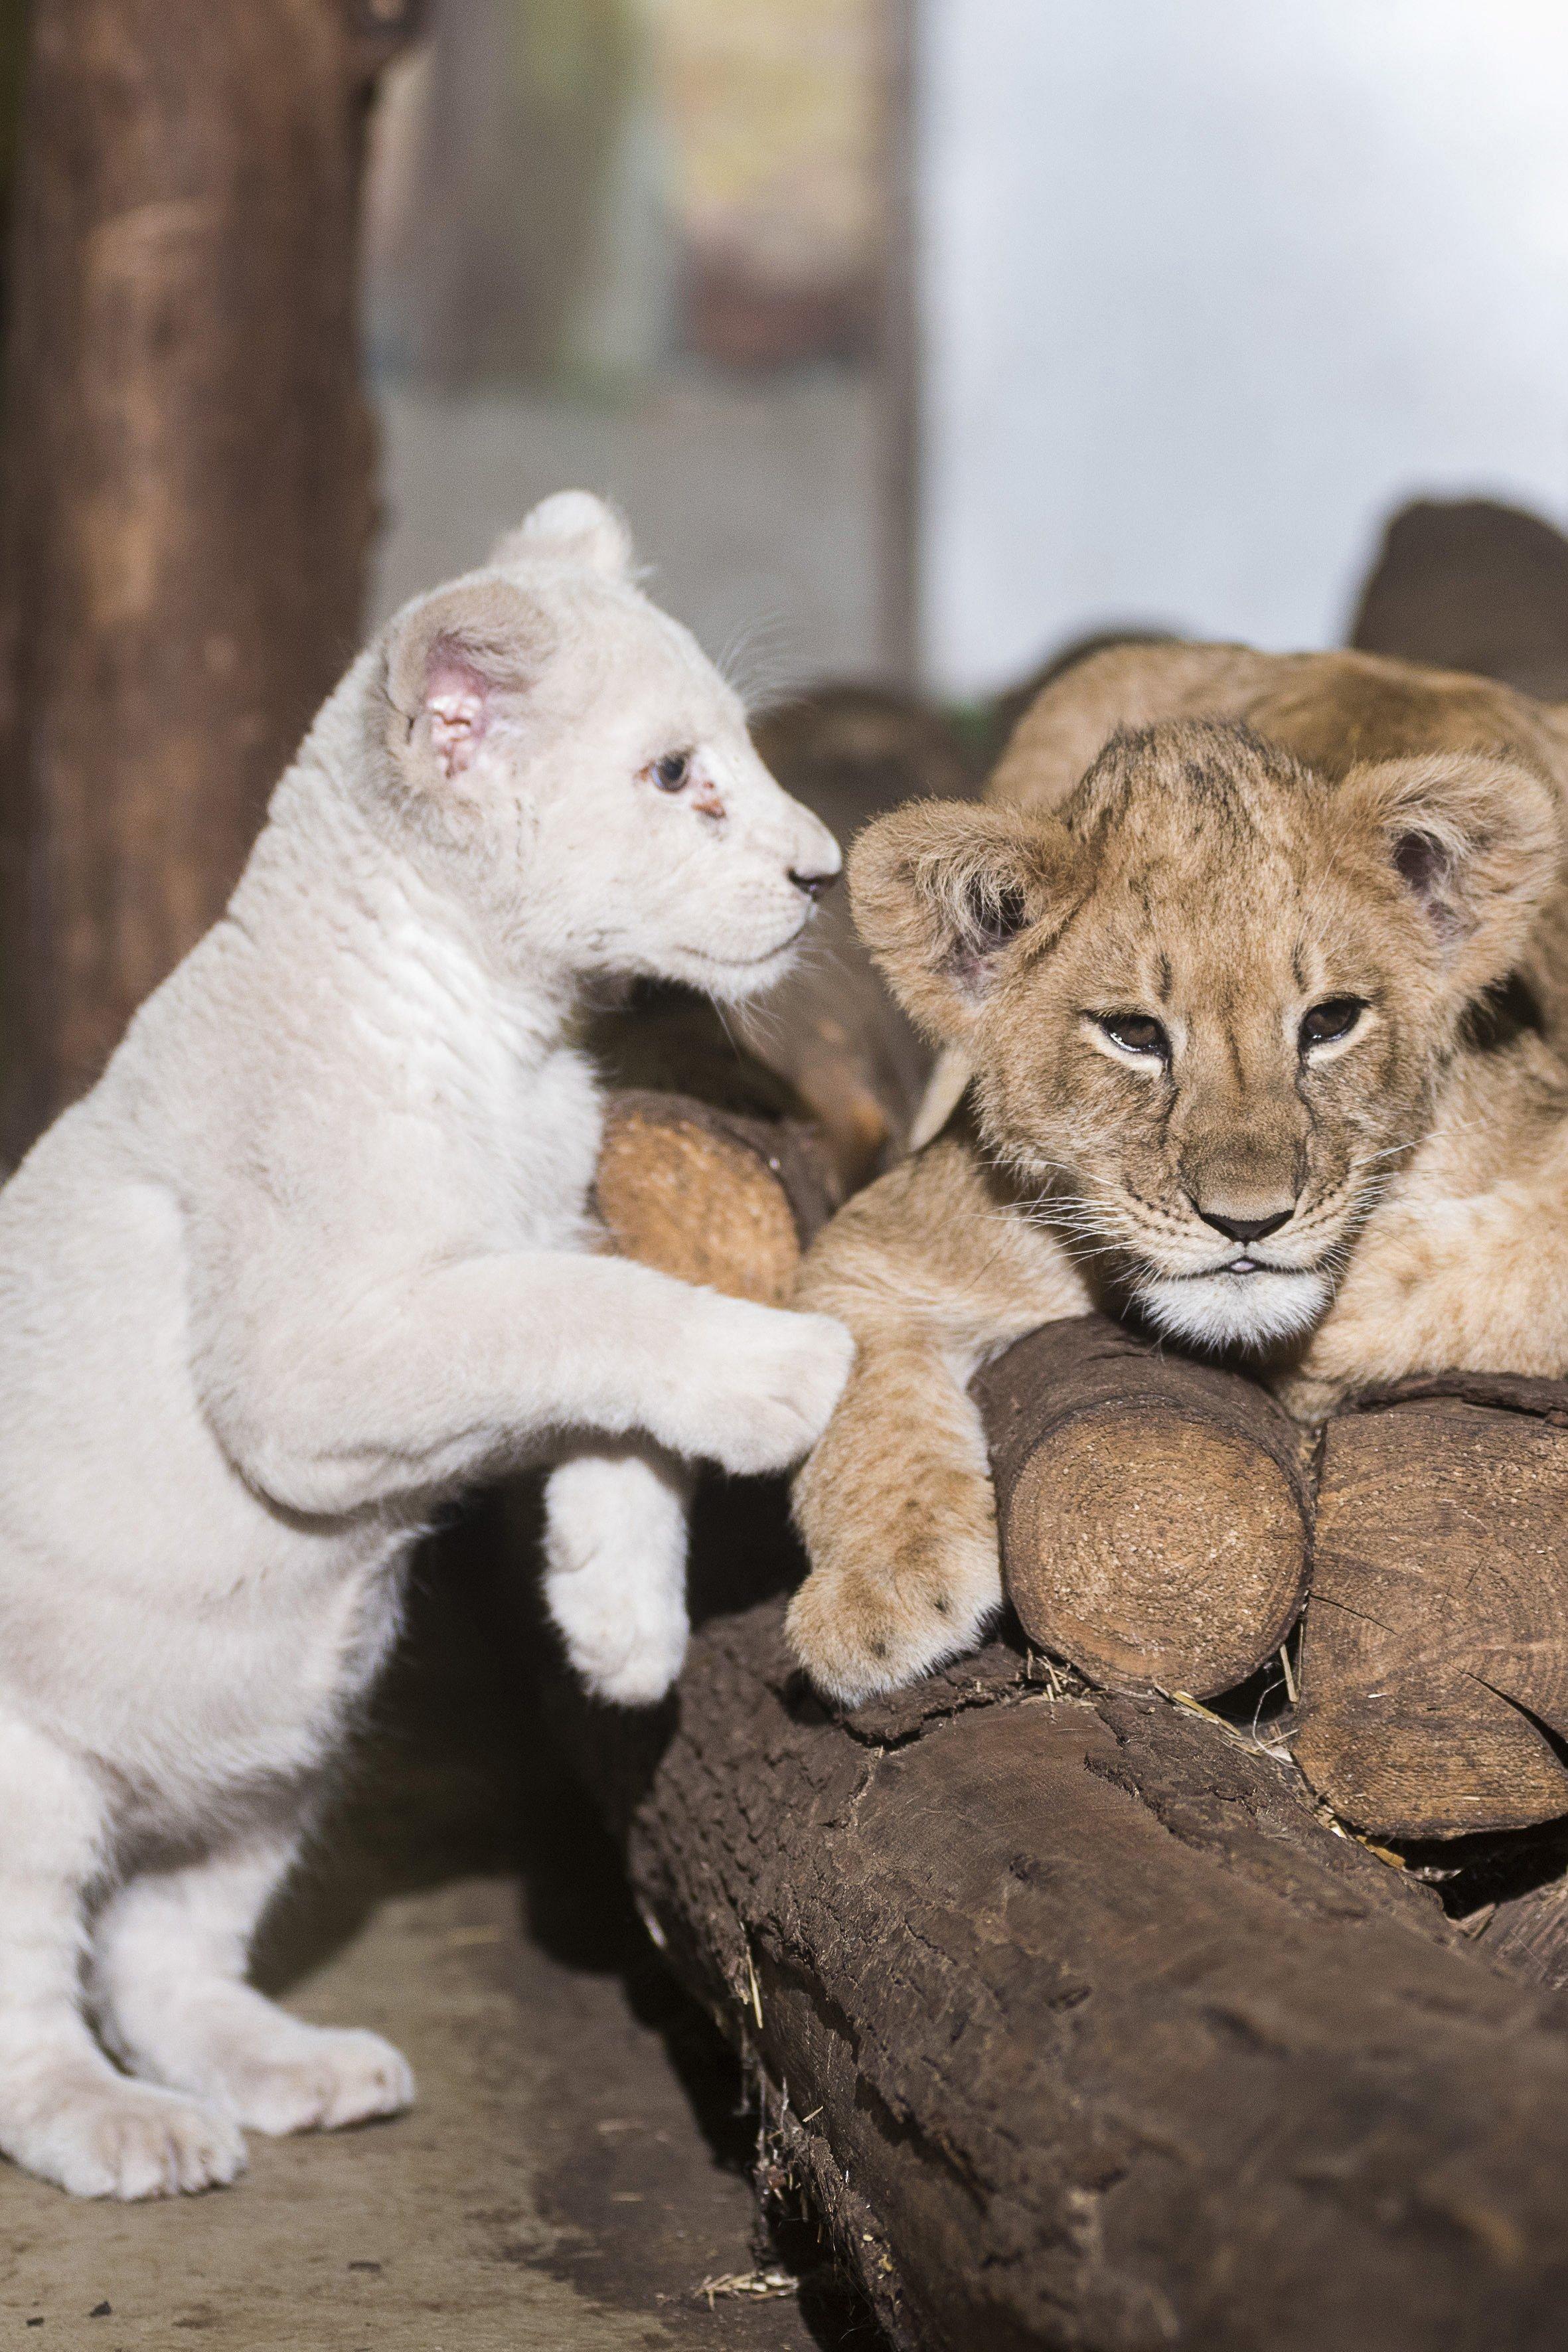 Nyíregyháza, 2016. november 11. A Nyíregyházi Állatpark tizenegy hete született fehér dél-afrikai oroszlánja (Panthera leo krugeri) és a Gyöngyösi Állatkertbõl érkezett, két héttel idõsebb normál színváltozatú fajtársa (Panthera leo) játszik az állatpark Viktória házában 2016. november 10-én. A fehér oroszlánt gondozója nevelte, családjához nem lehet visszahelyezni, de fontos, hogy minél kevesebb emberi hatás érje, ezért kerestek korban hozzá illõ fajtársat az állatkert szakemberei. MTI Fotó: Balázs Attila